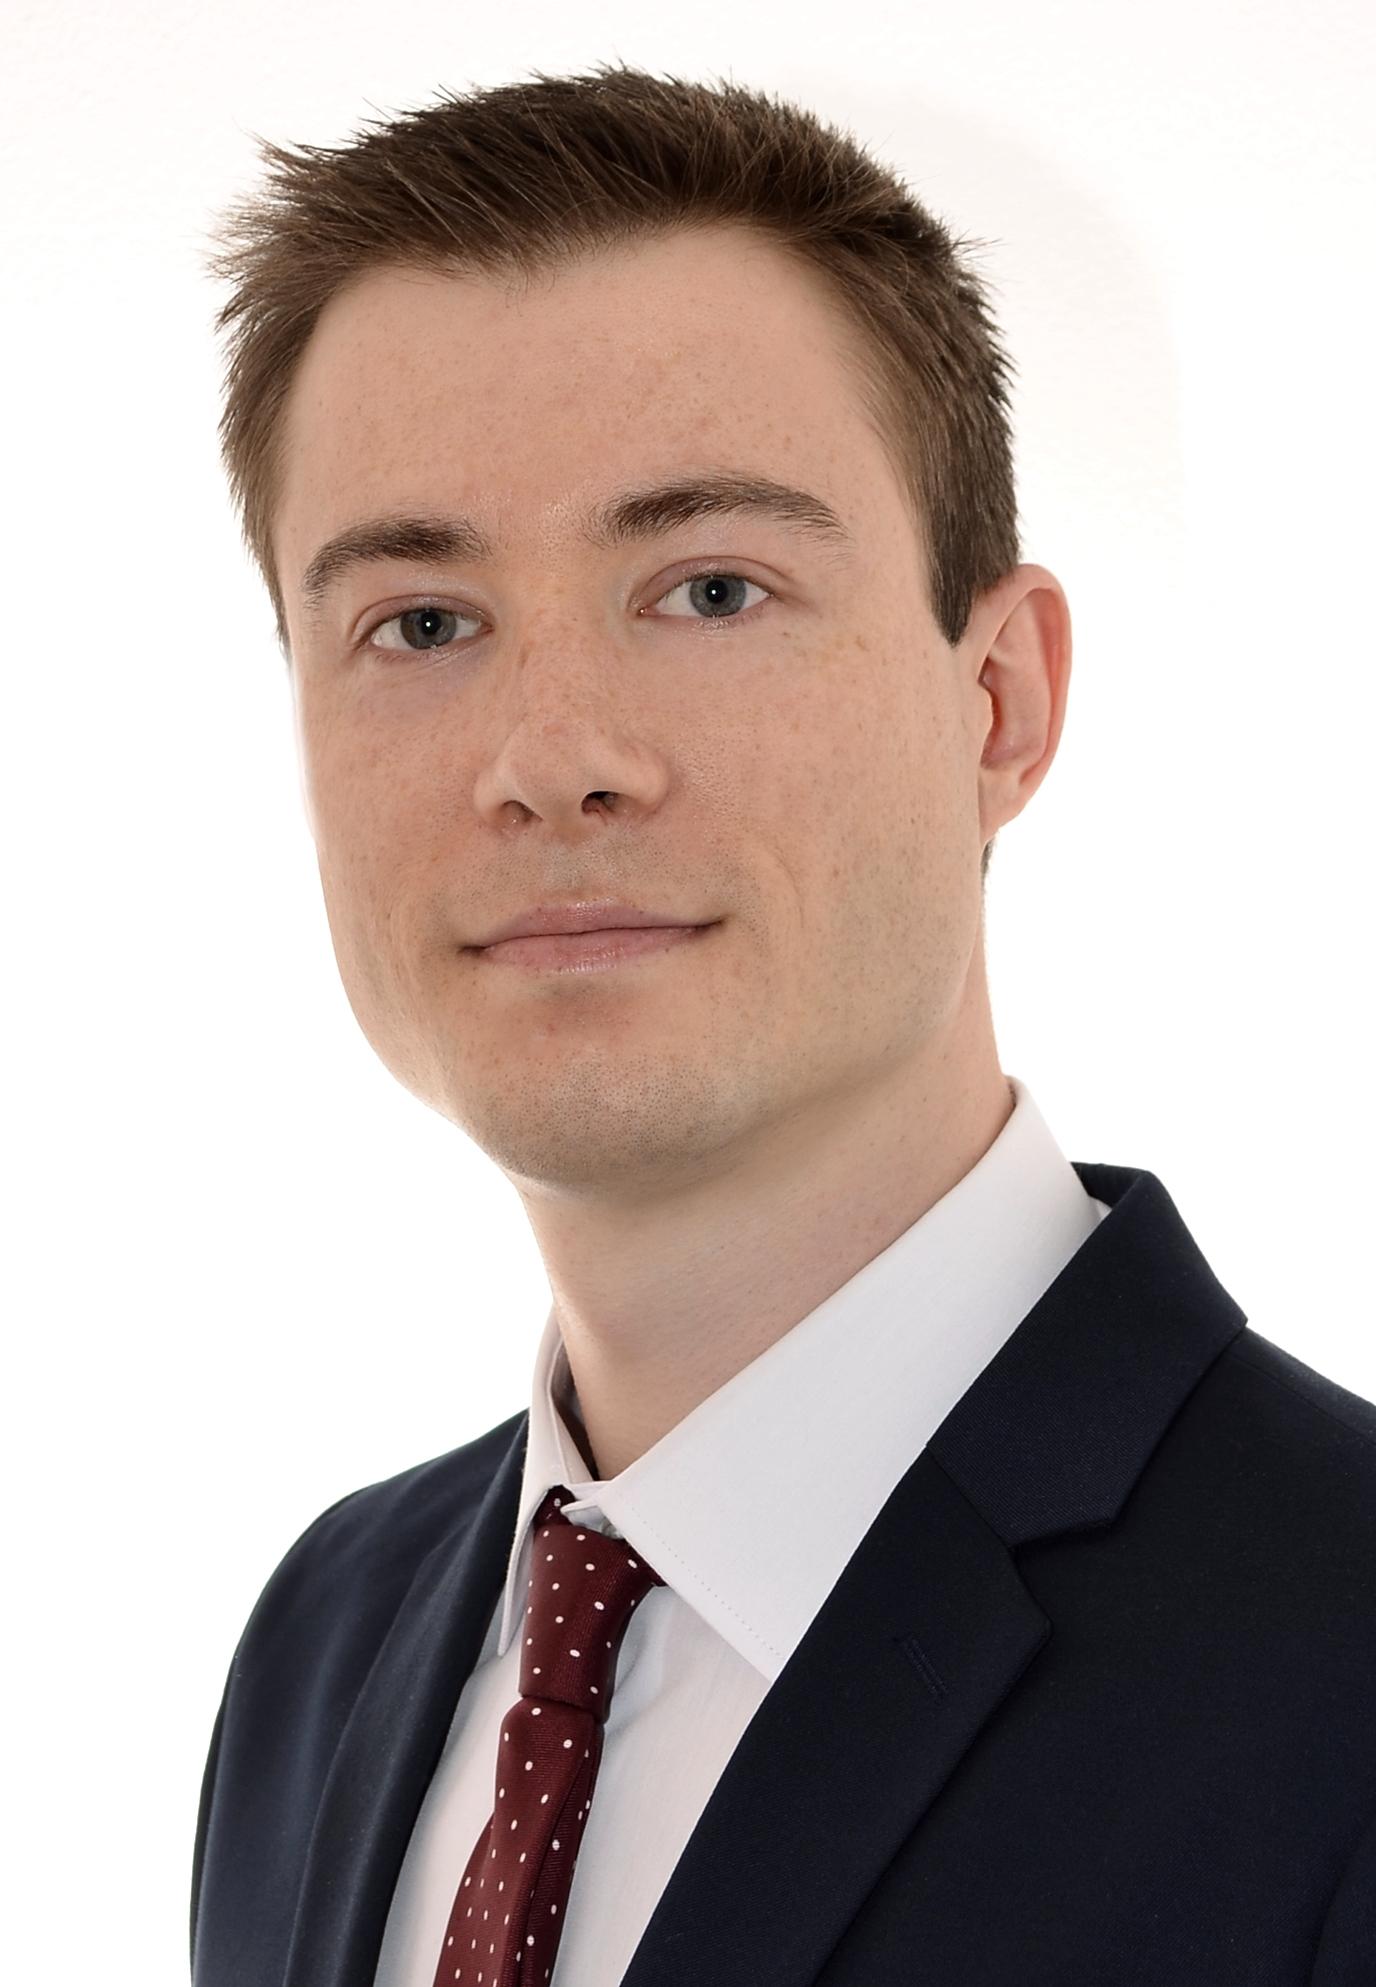 Wojciech Mesjasz